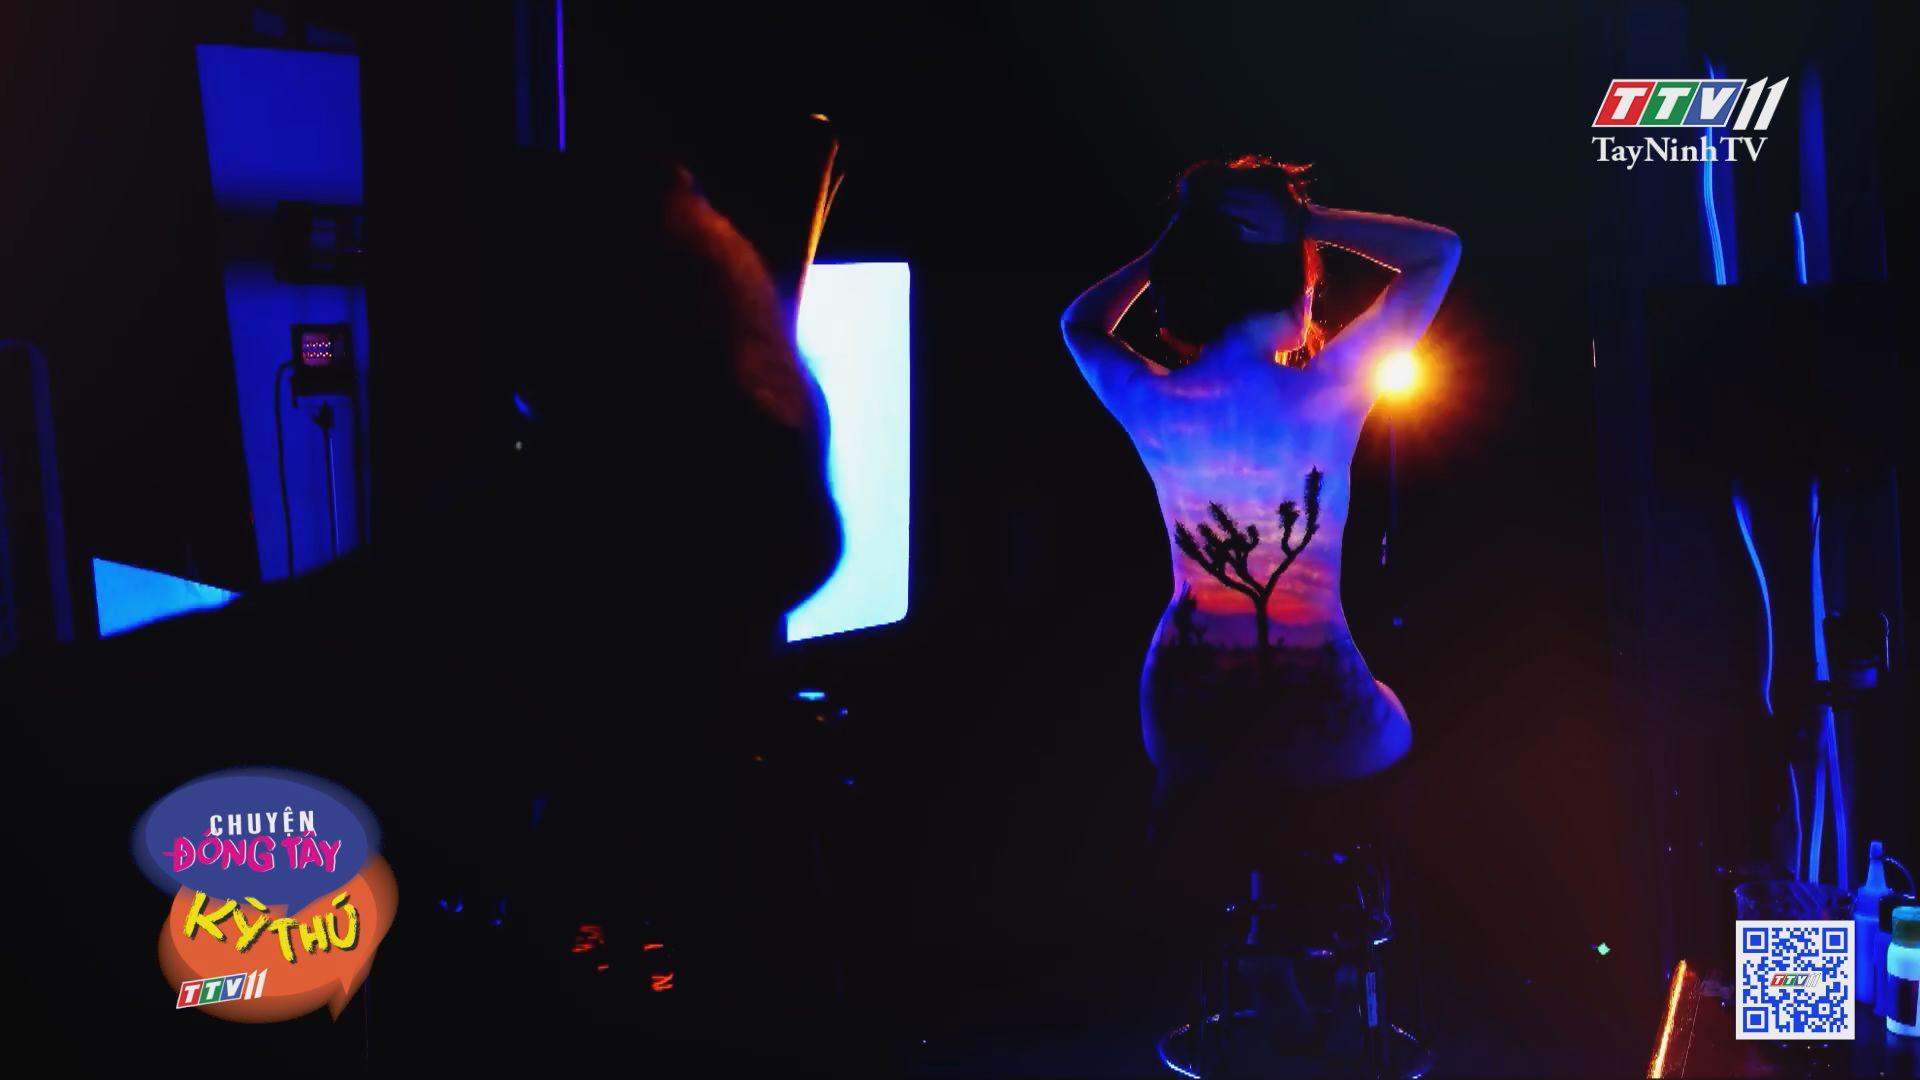 Vẽ tranh phát sáng trên cơ thể người | CHUYỆN ĐÔNG TÂY KỲ THÚ | TayNinhTVE